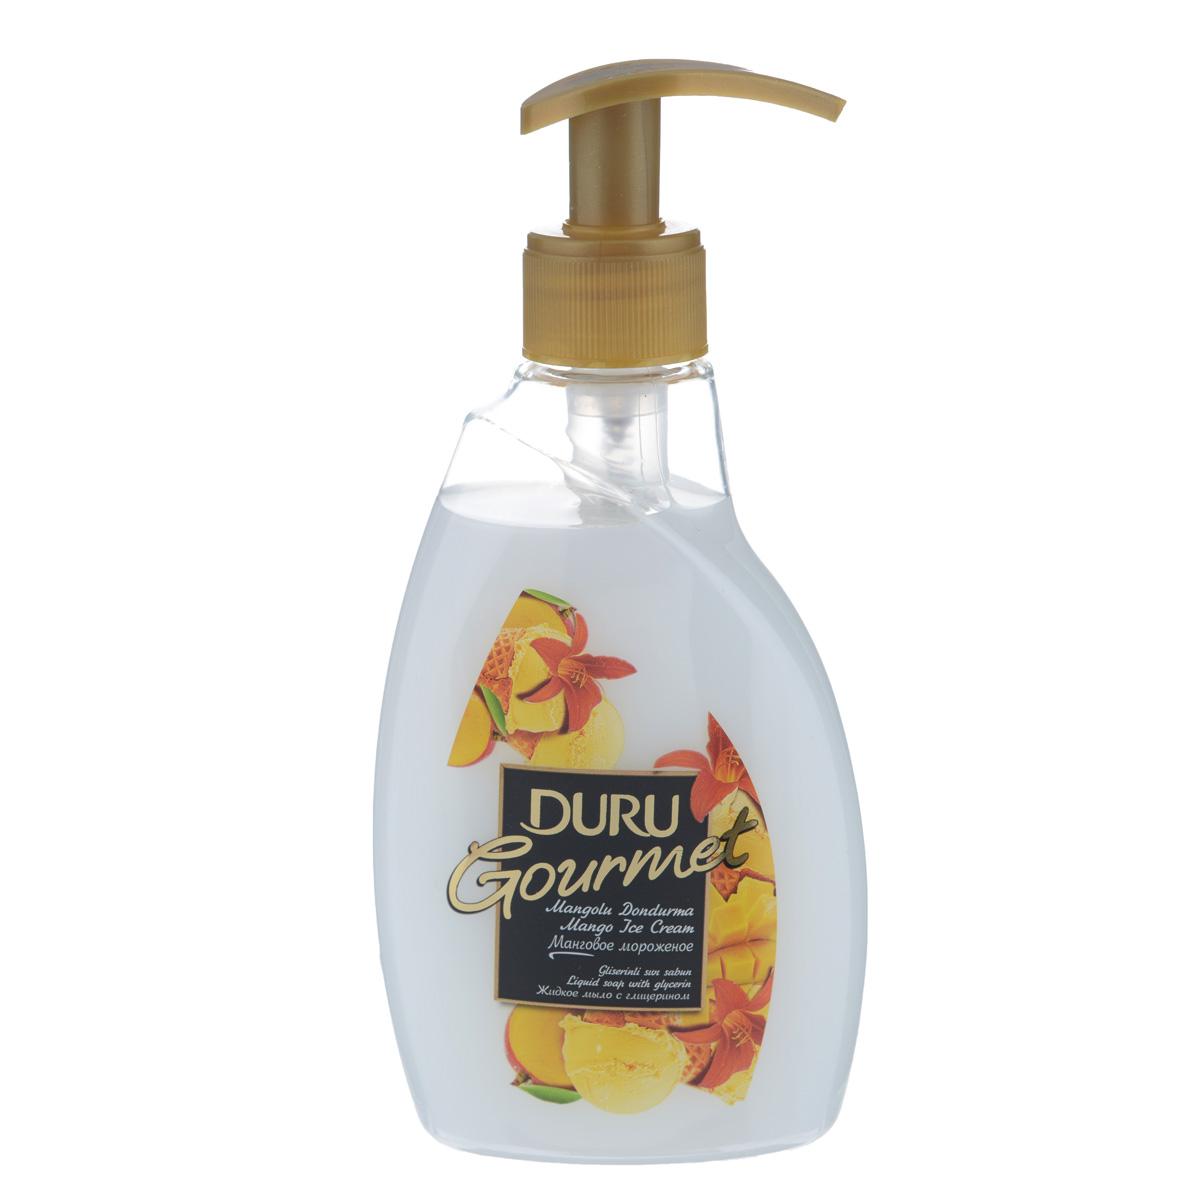 Duru GOURMET Мыло жидкое Манговое мороженое 300млSatin Hair 7 BR730MNСовременное средство гигиены и ухода за кожей с увлажняющим действием глицерина. Отличается приятным фруктовым ароматом и нежной текстурой.